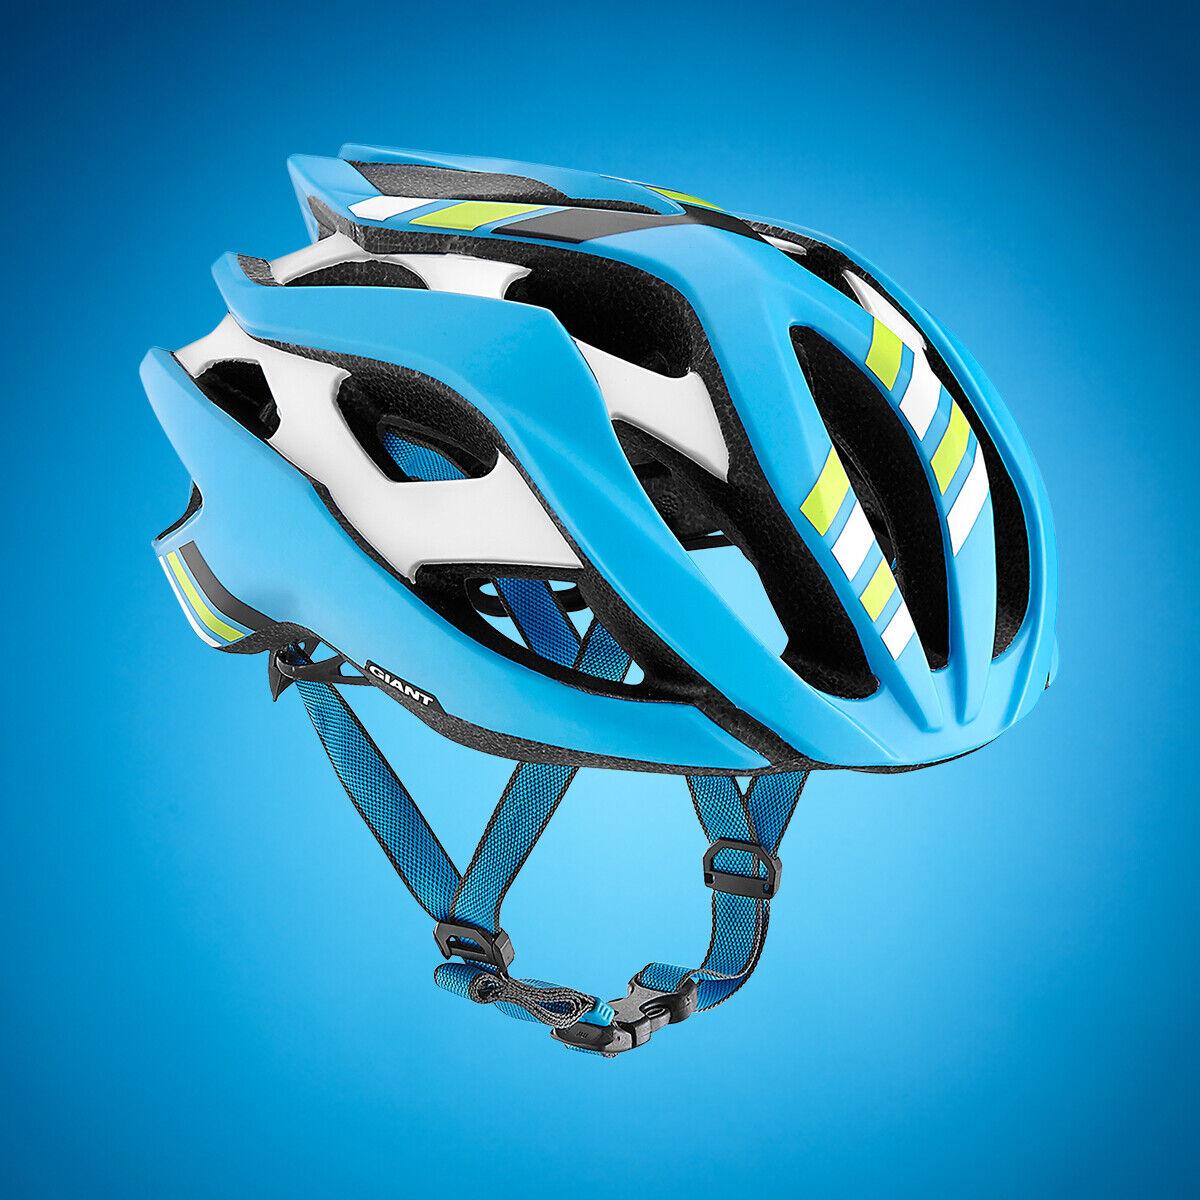 Giant Rev Helmet, Bicycle, Cycling, Helmet, Giant, Rev